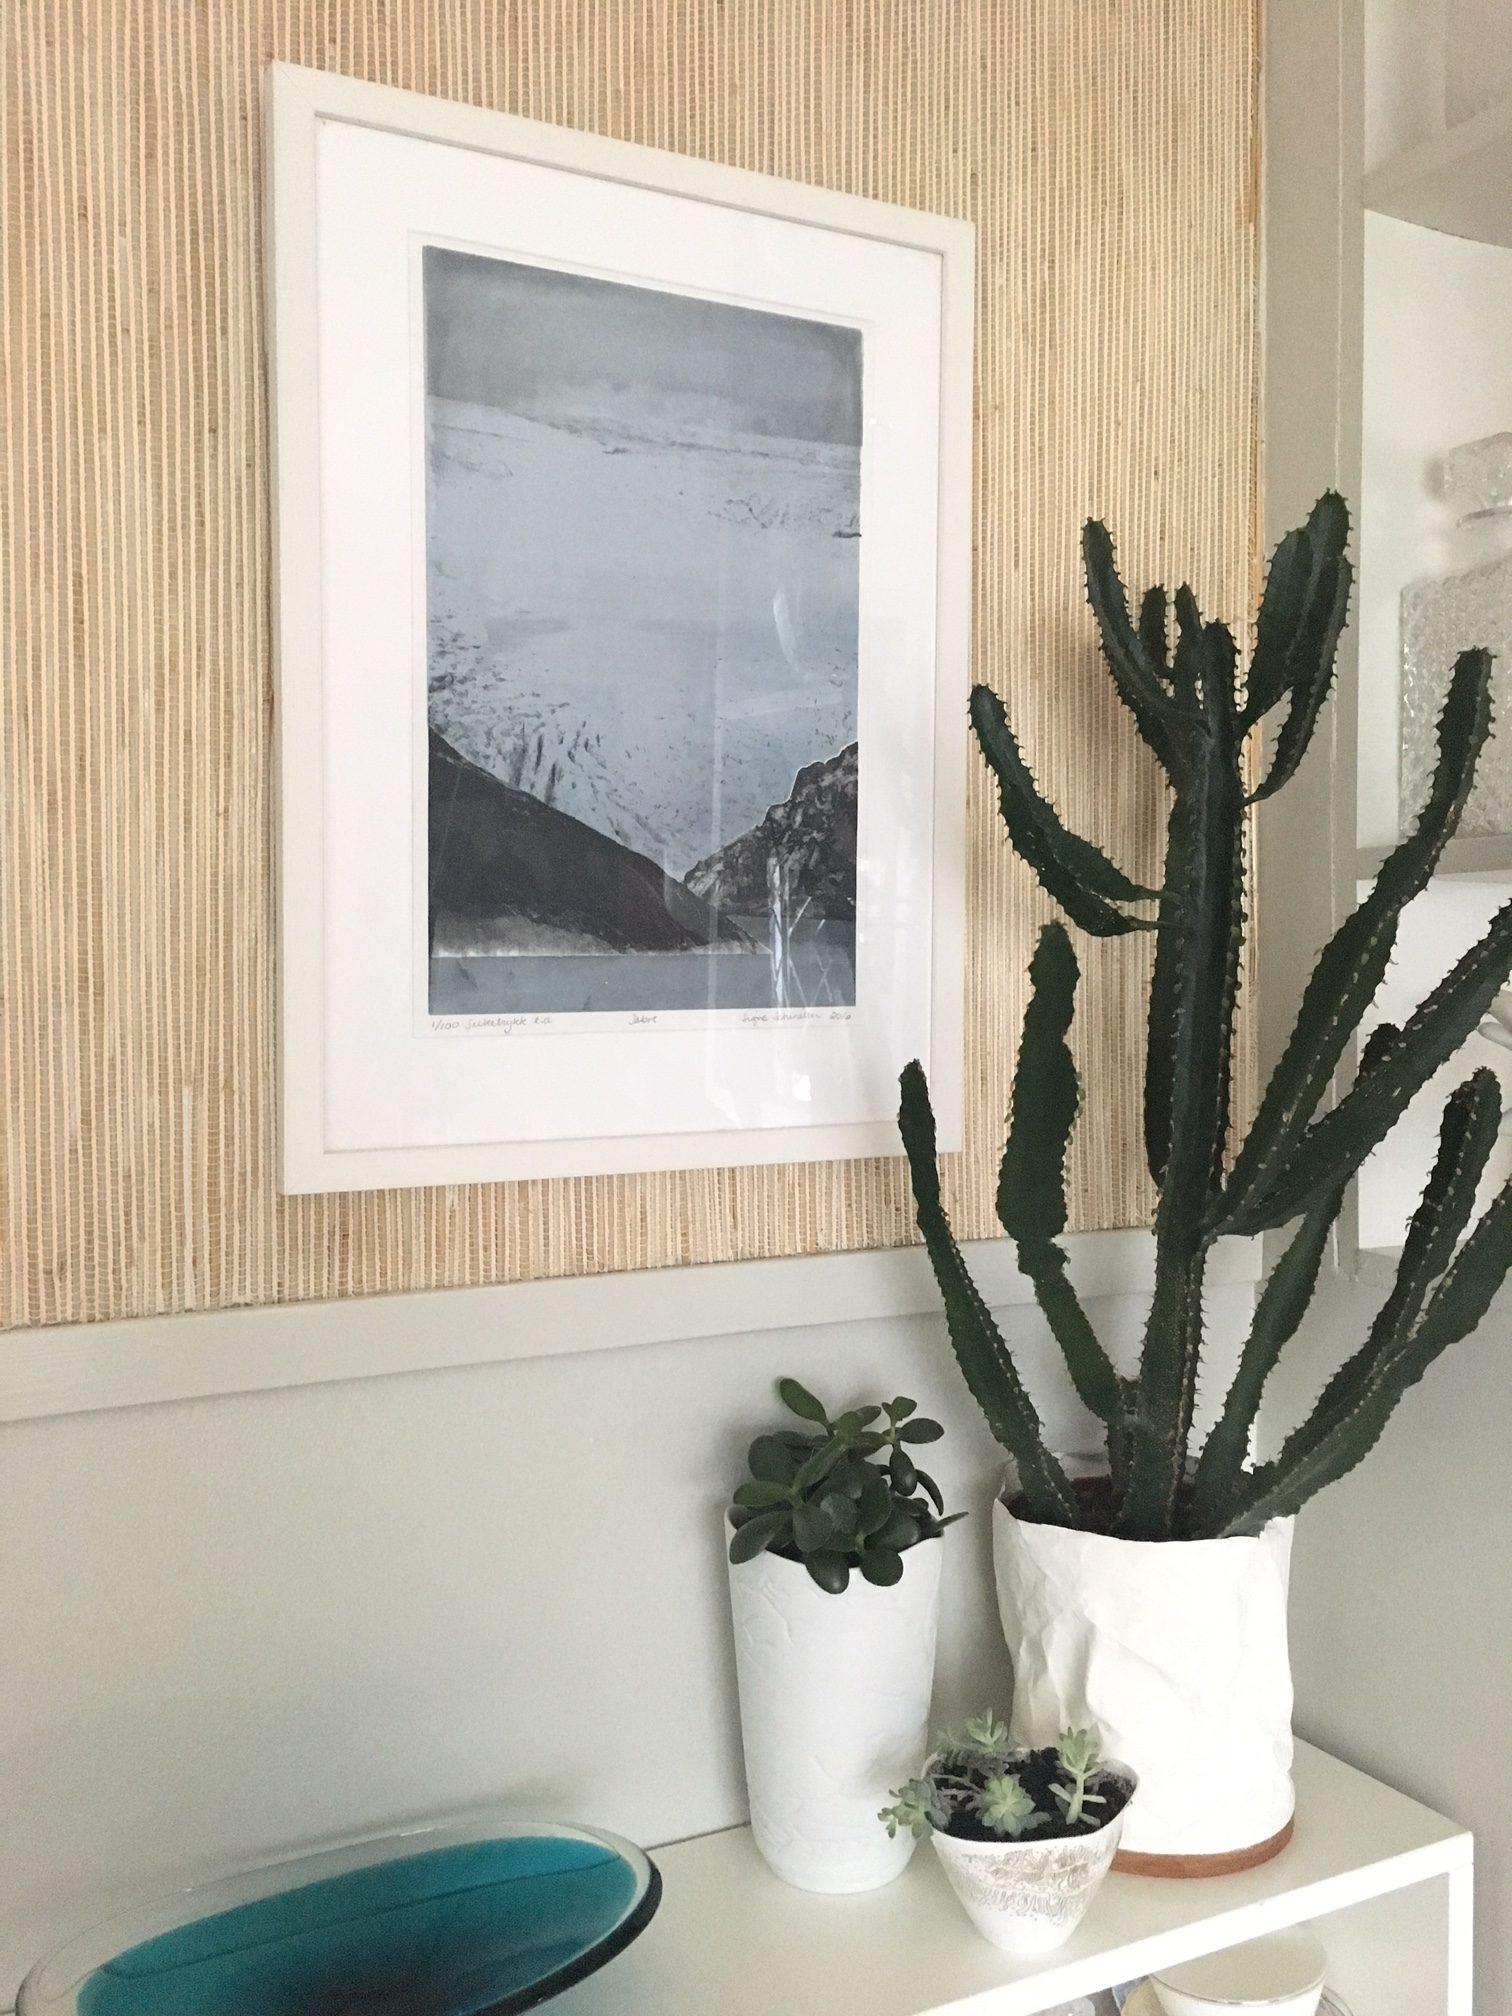 Silketrykk, folgefonna, glacier, signe kunst, Rosendal kunst, Biri tapet, stråtapet, wallpaper, straw wallpaper, nostalgisk interiør,